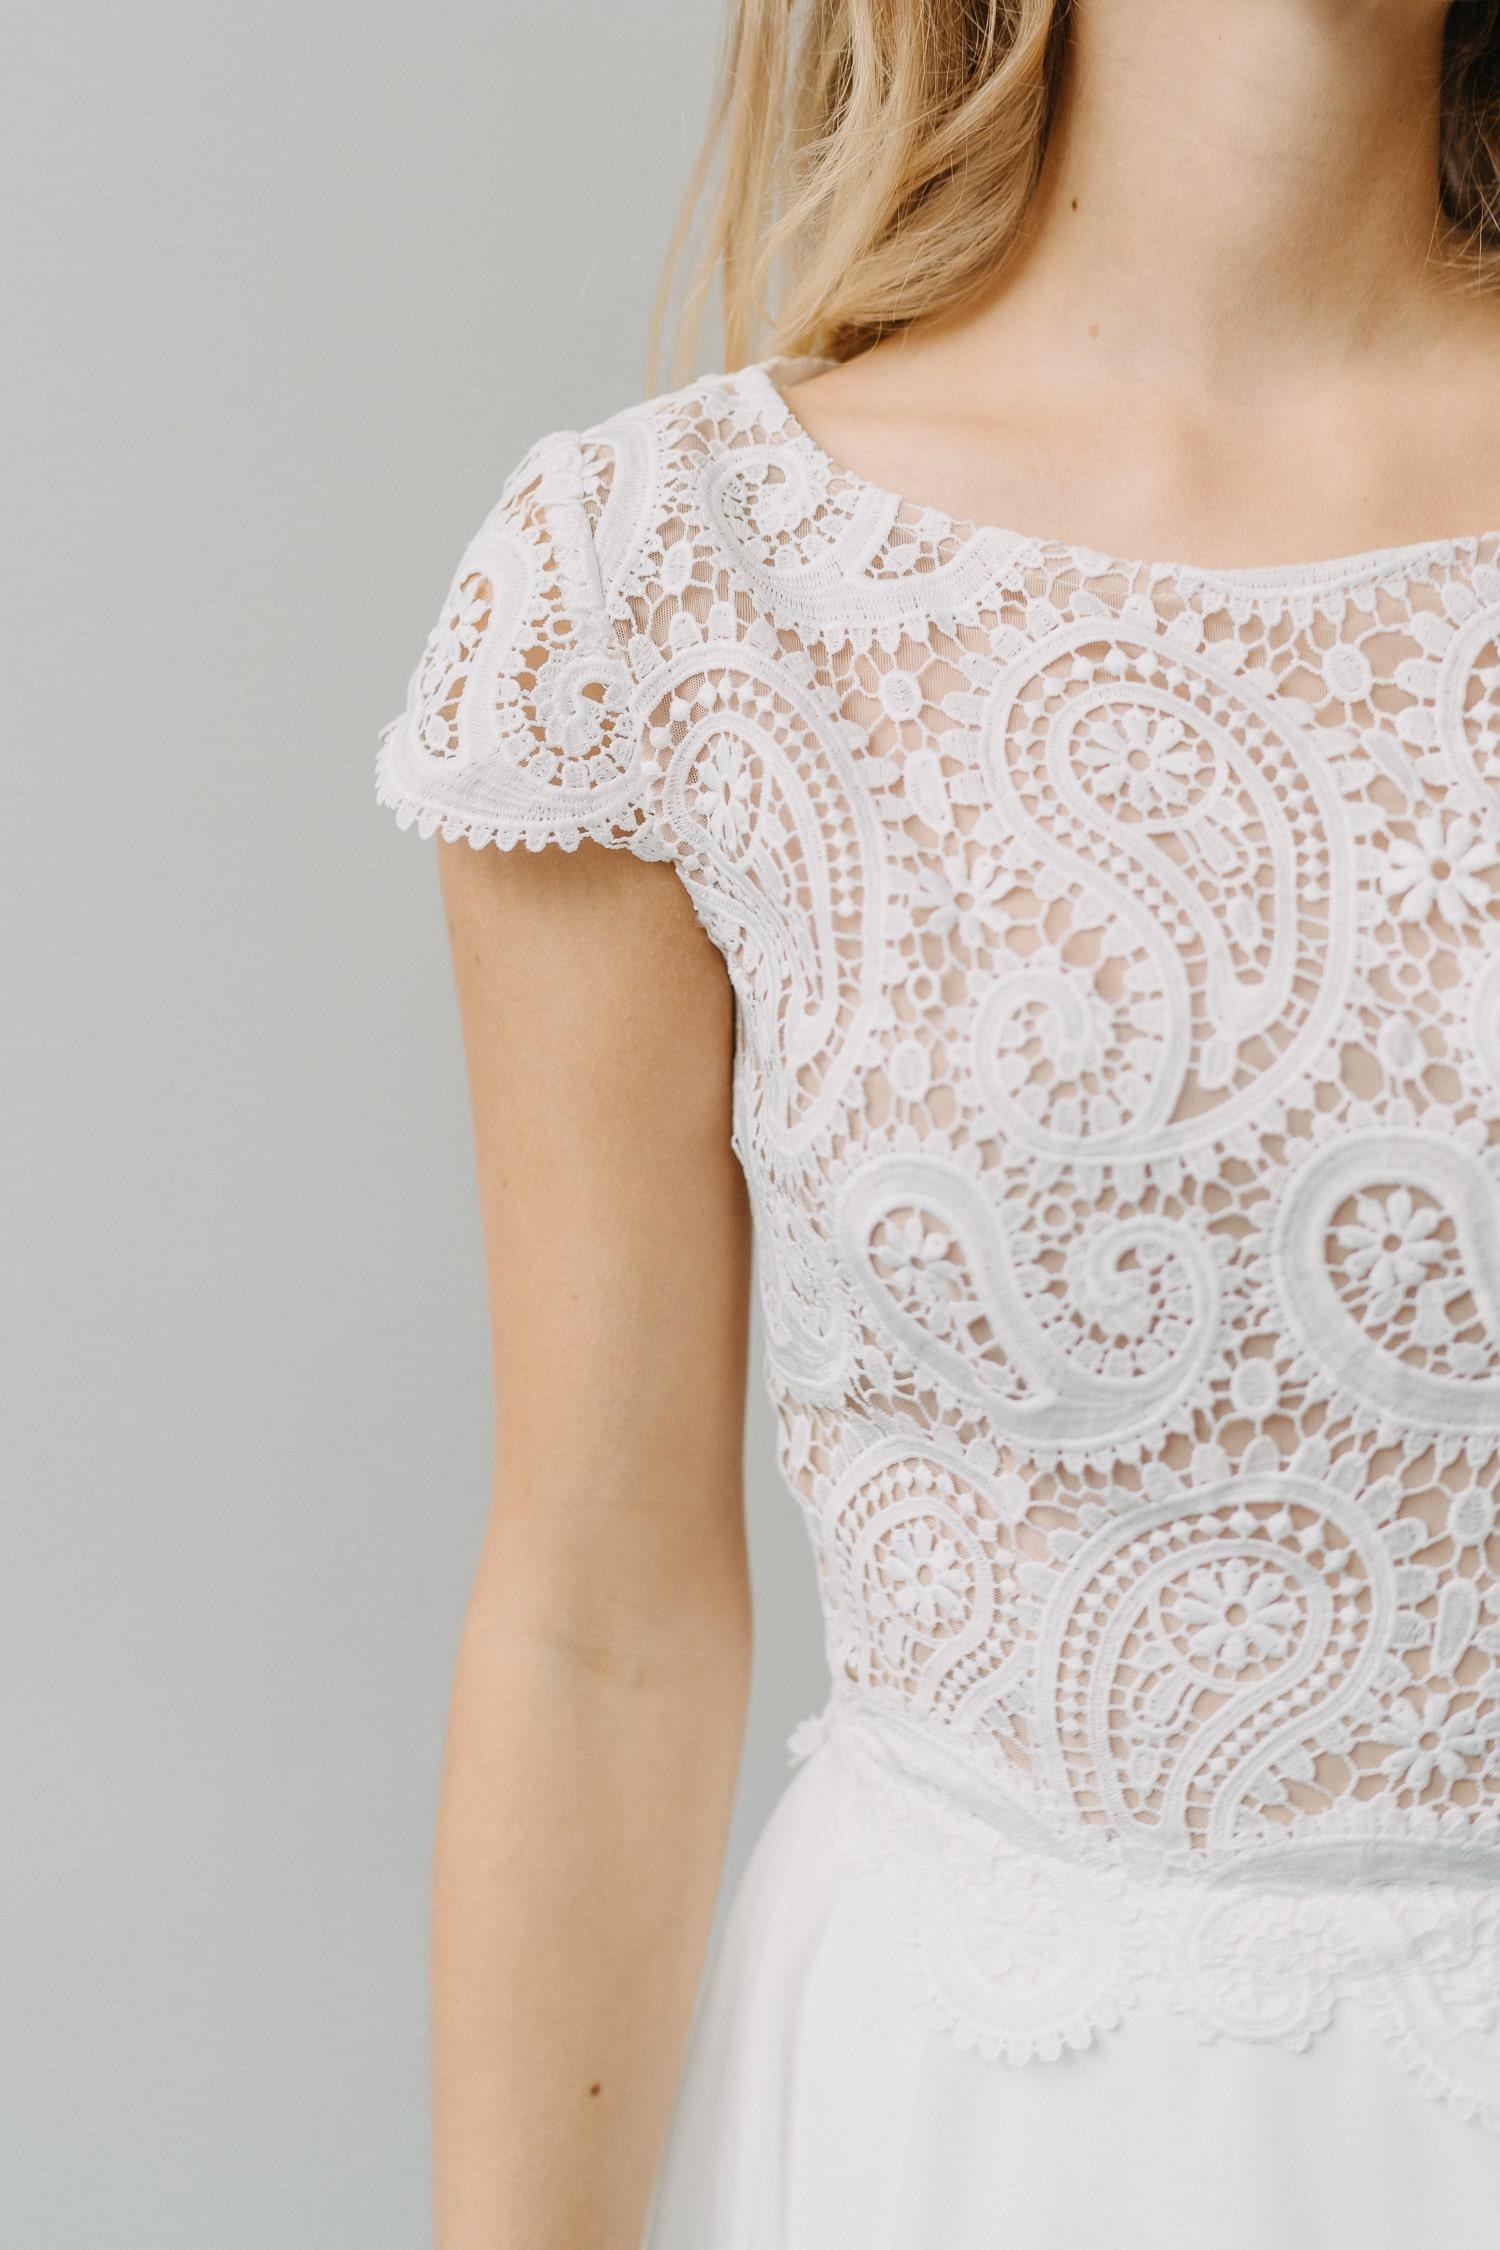 Hochzeitskleid mit Oberteil aus Spitze – gesehen bei frauimmer-herrewig.de